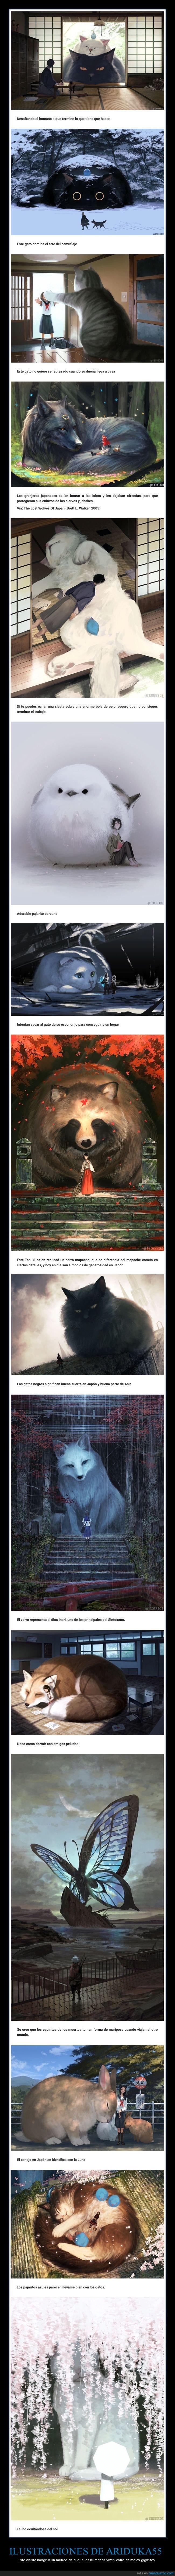 animales,ariduka55,gigantes,ilustraciones